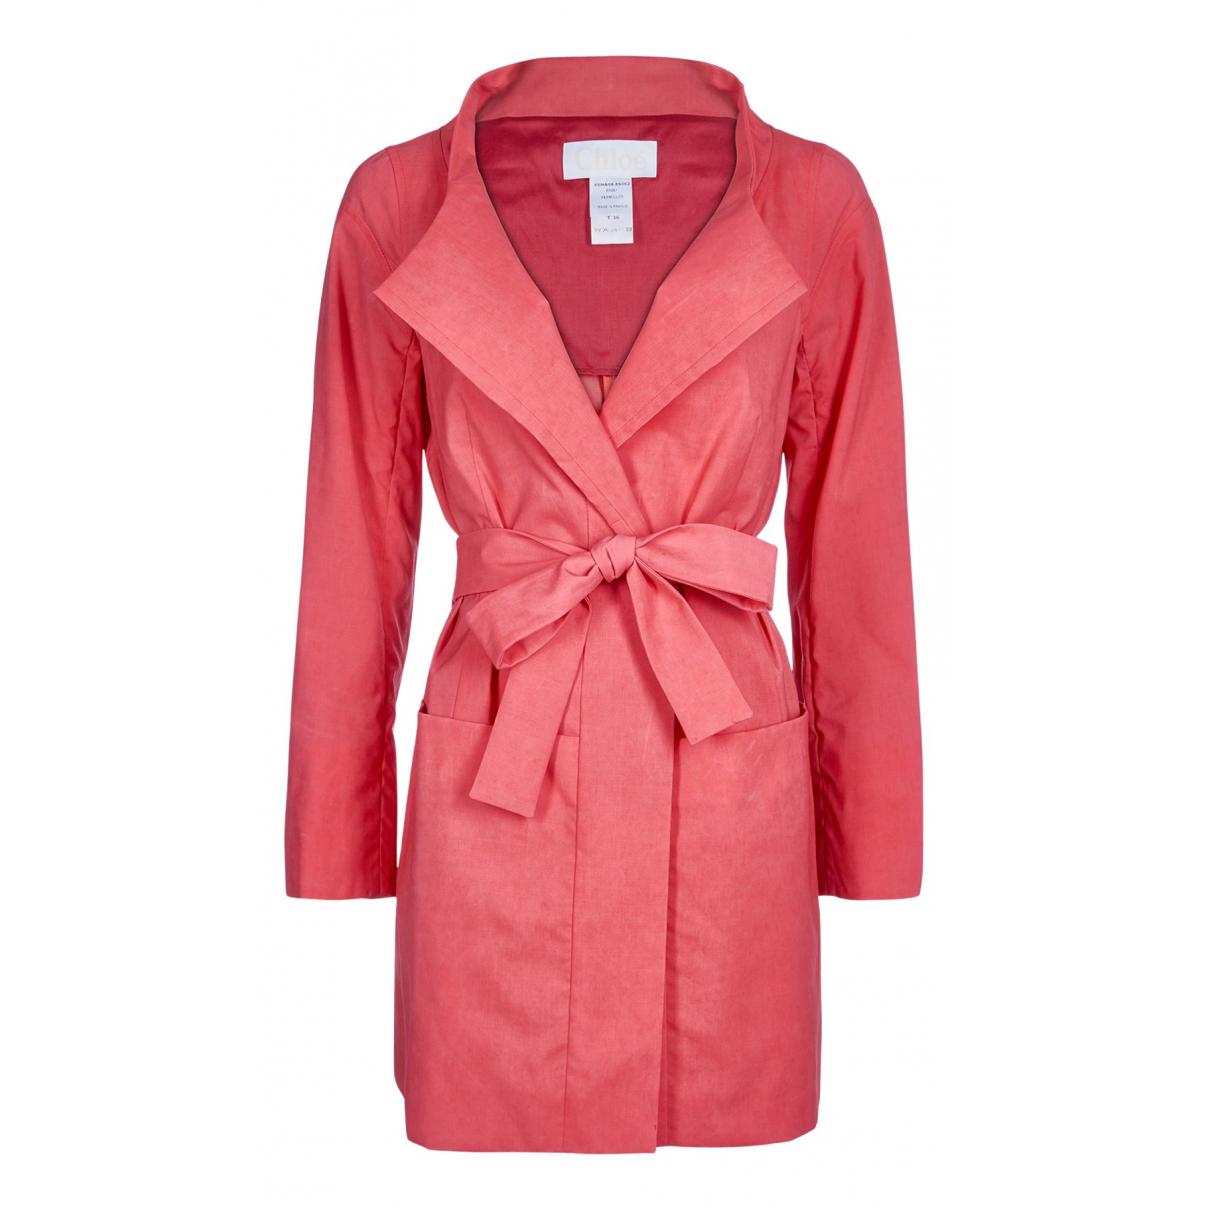 Chloé N Pink Velvet coat for Women 8 UK